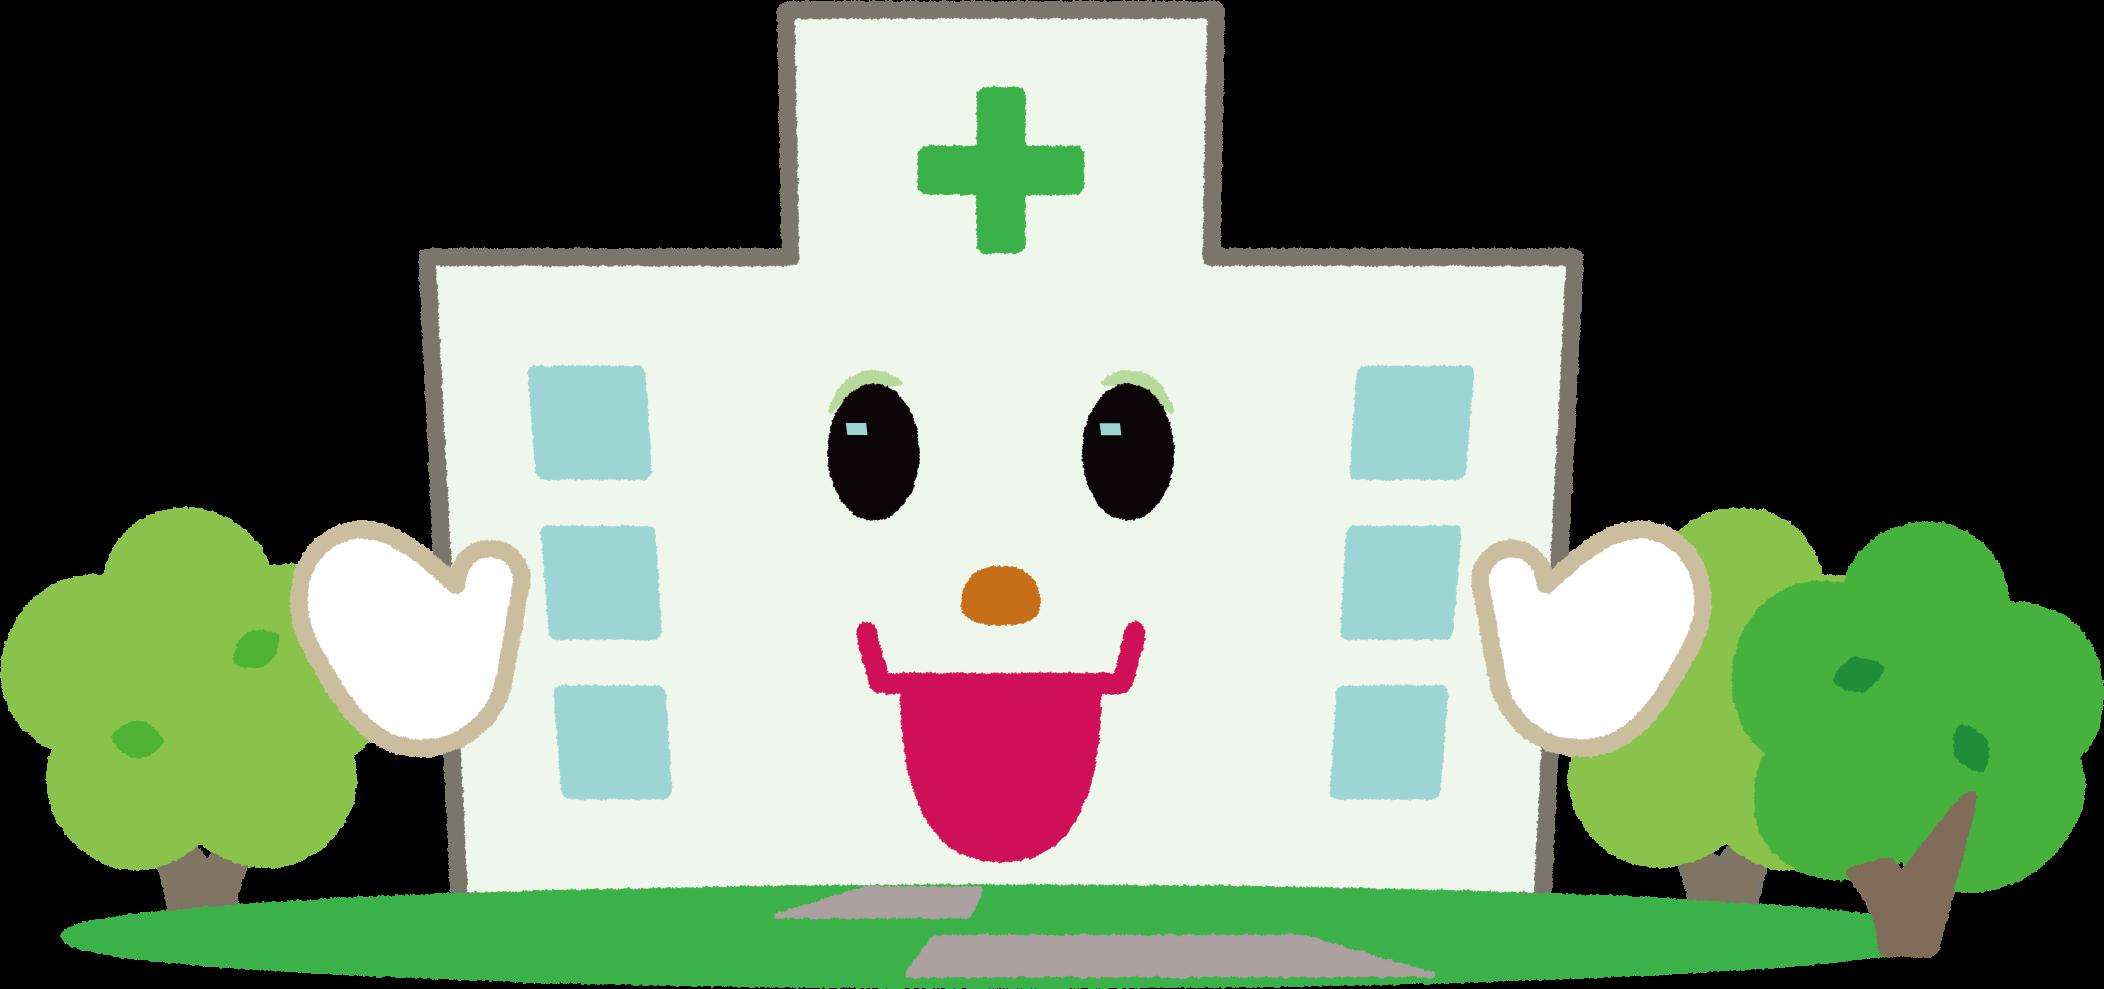 病院イラスト 病院 クリニック 診療所 医院 可愛い無料イラスト